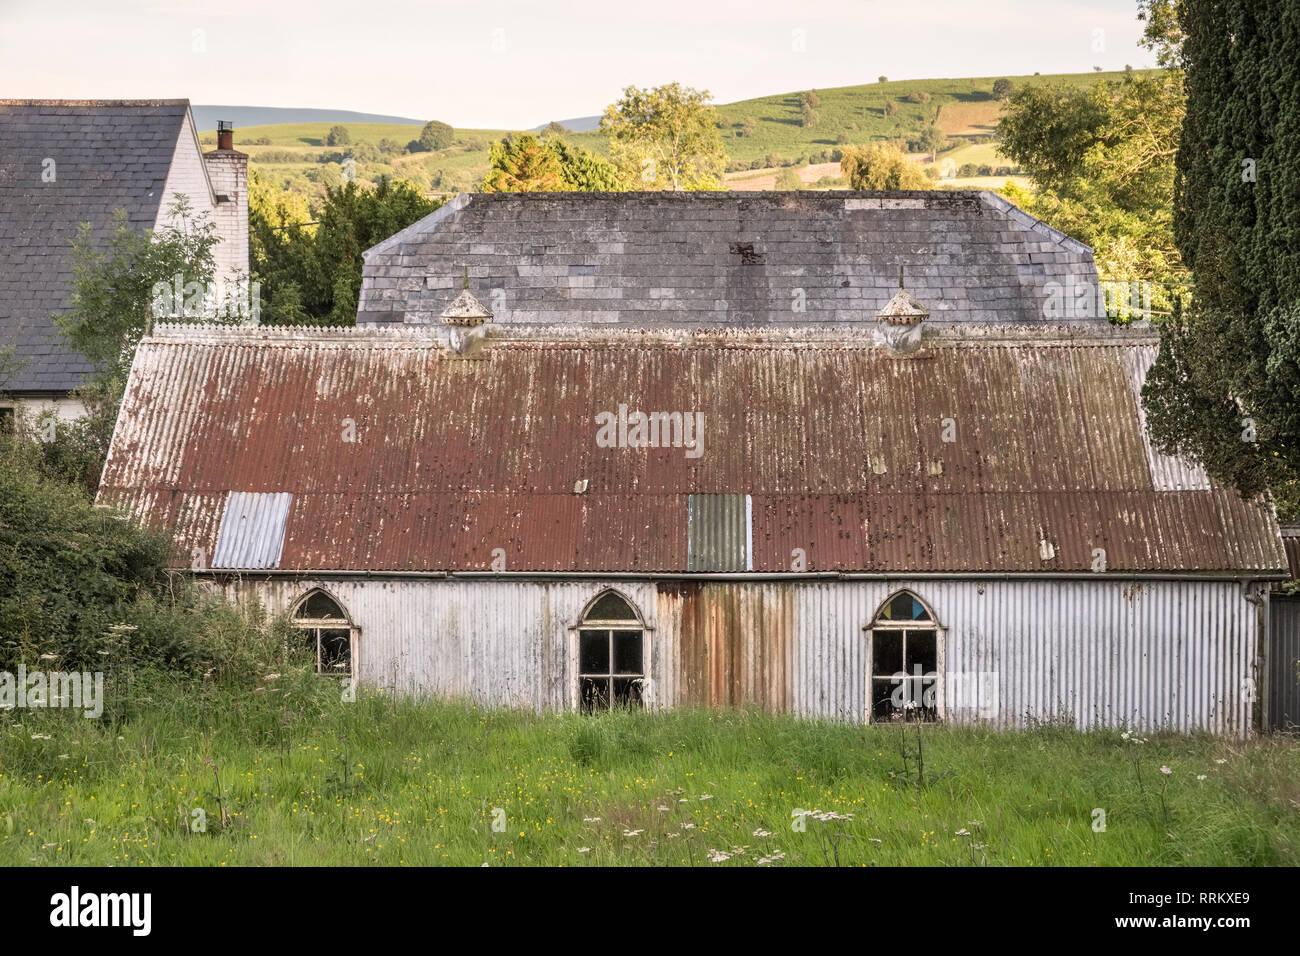 19c la antigua aldea de hierro ondulado de aula y la sacristía (junto a la capilla de Adullam Bautista) en Painscastle, Powys (Gales) Foto de stock